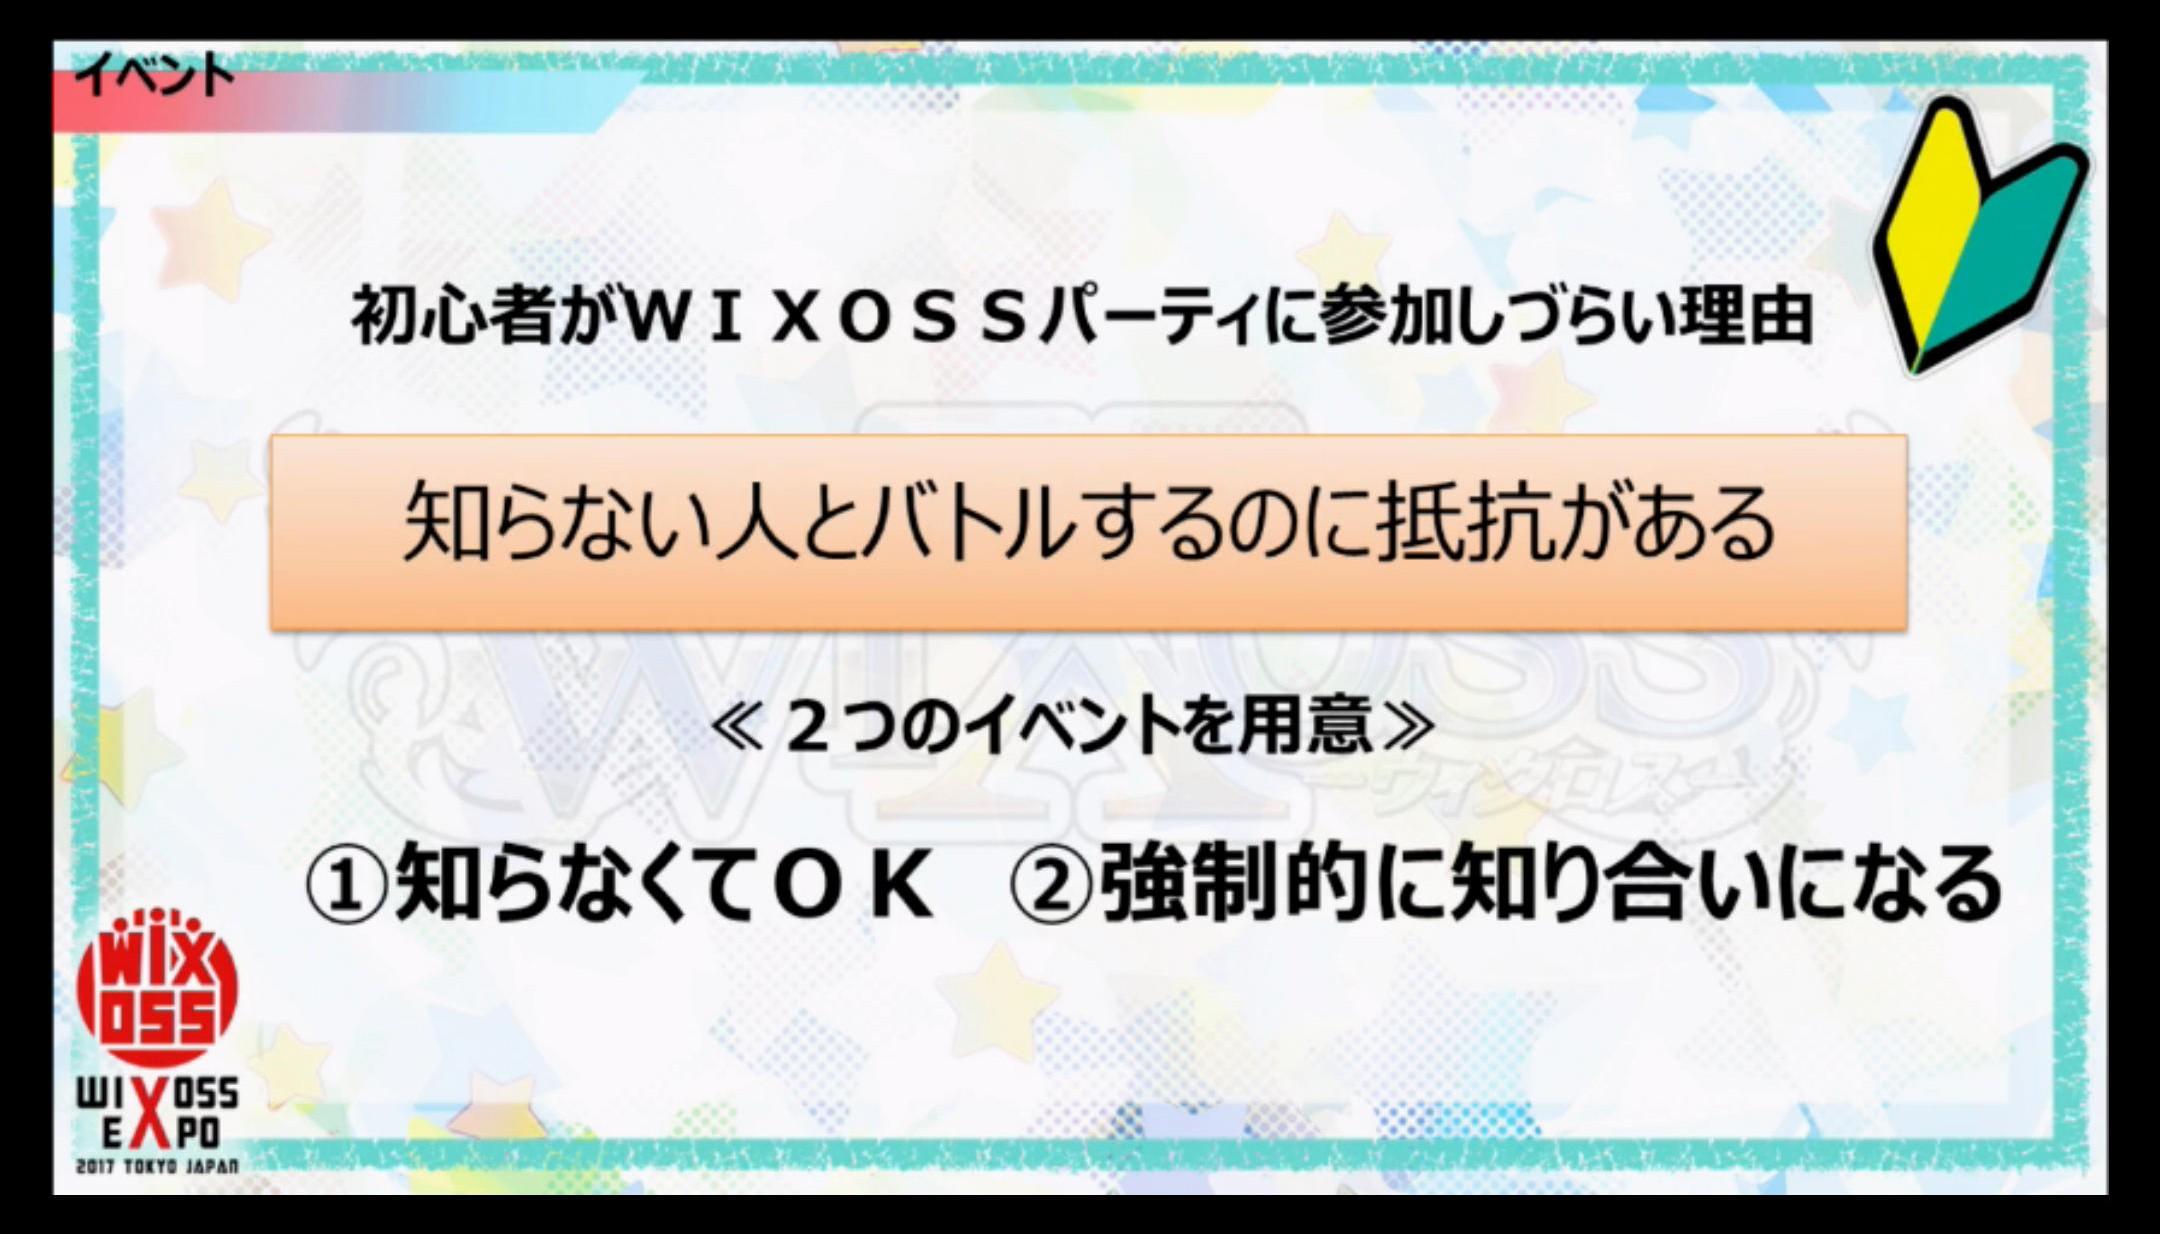 wx-live-170806-031.jpg